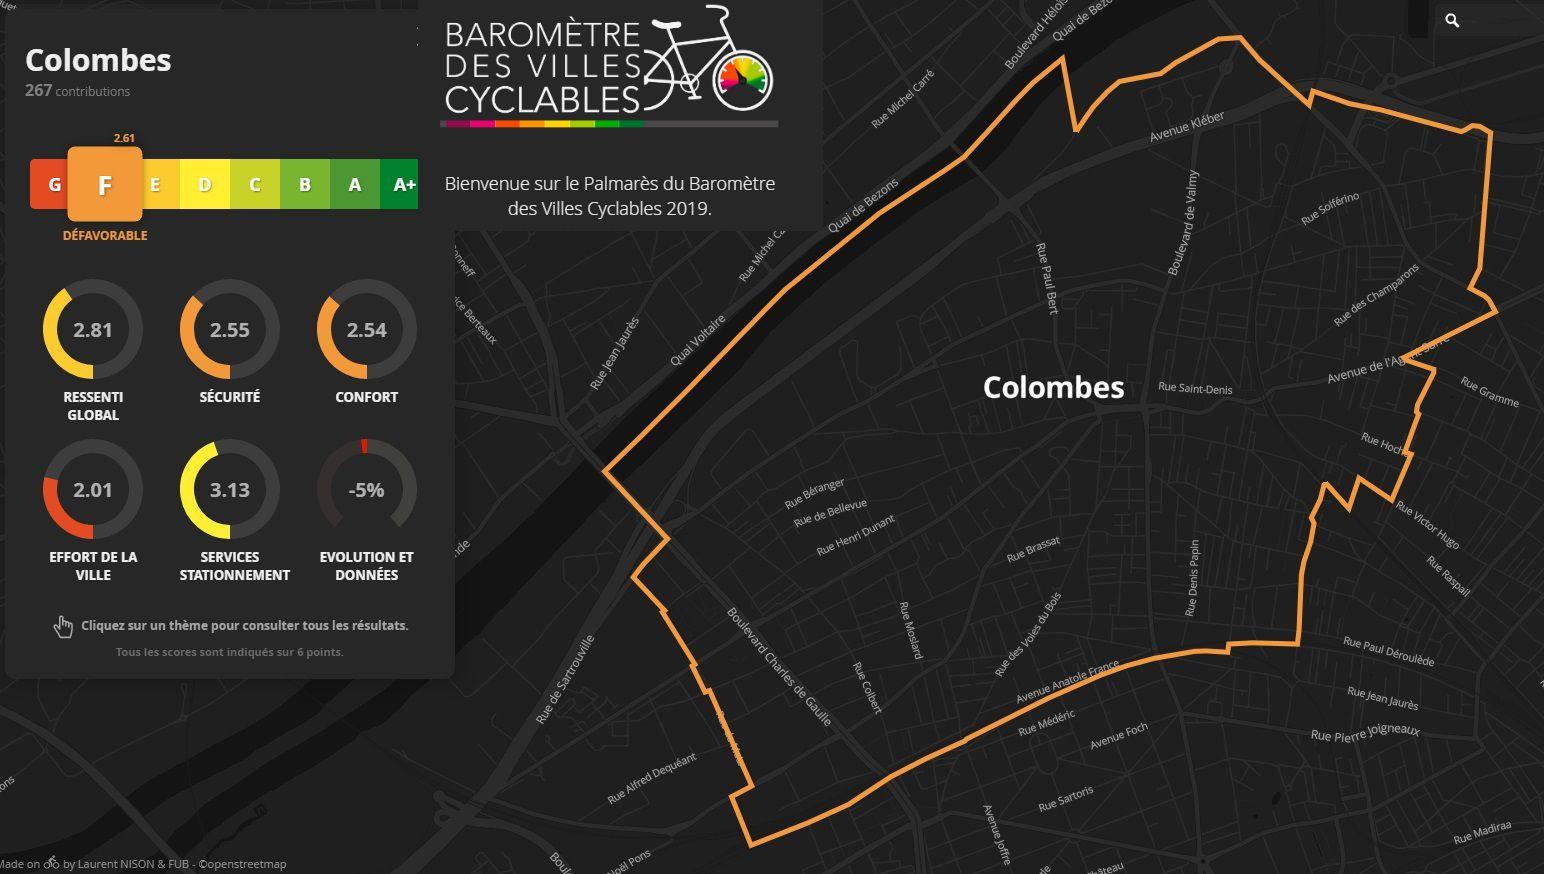 Colombes : dernière ville sur le palmarès des villes cyclables selon l'association FUB